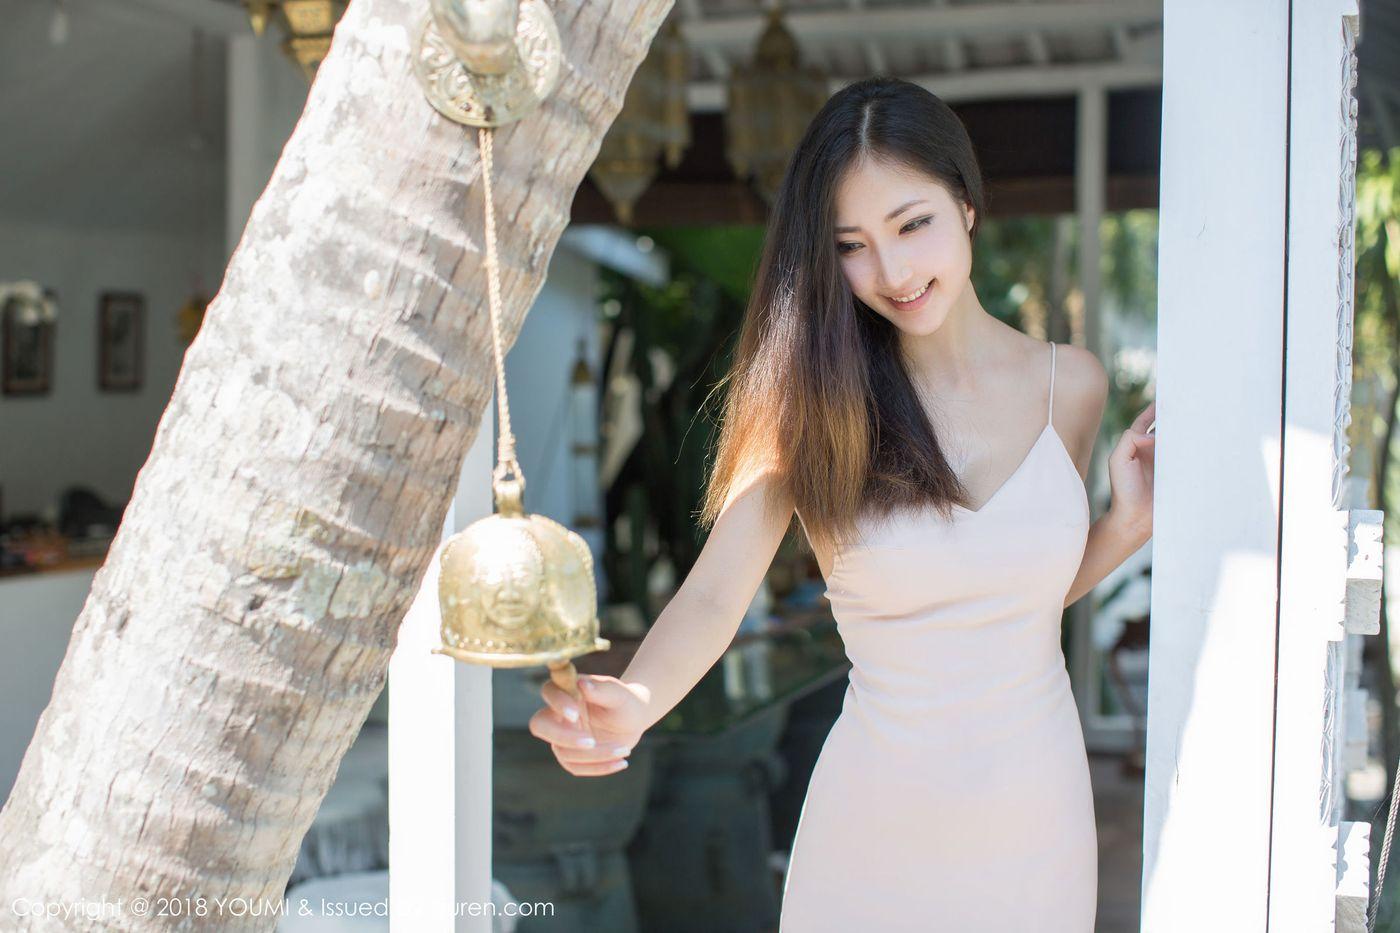 比基尼内衣诱惑沙滩美女湿身诱惑爆乳性感女神尤蜜荟-[Yumi尤美]超高清写真图片 1620143191更新